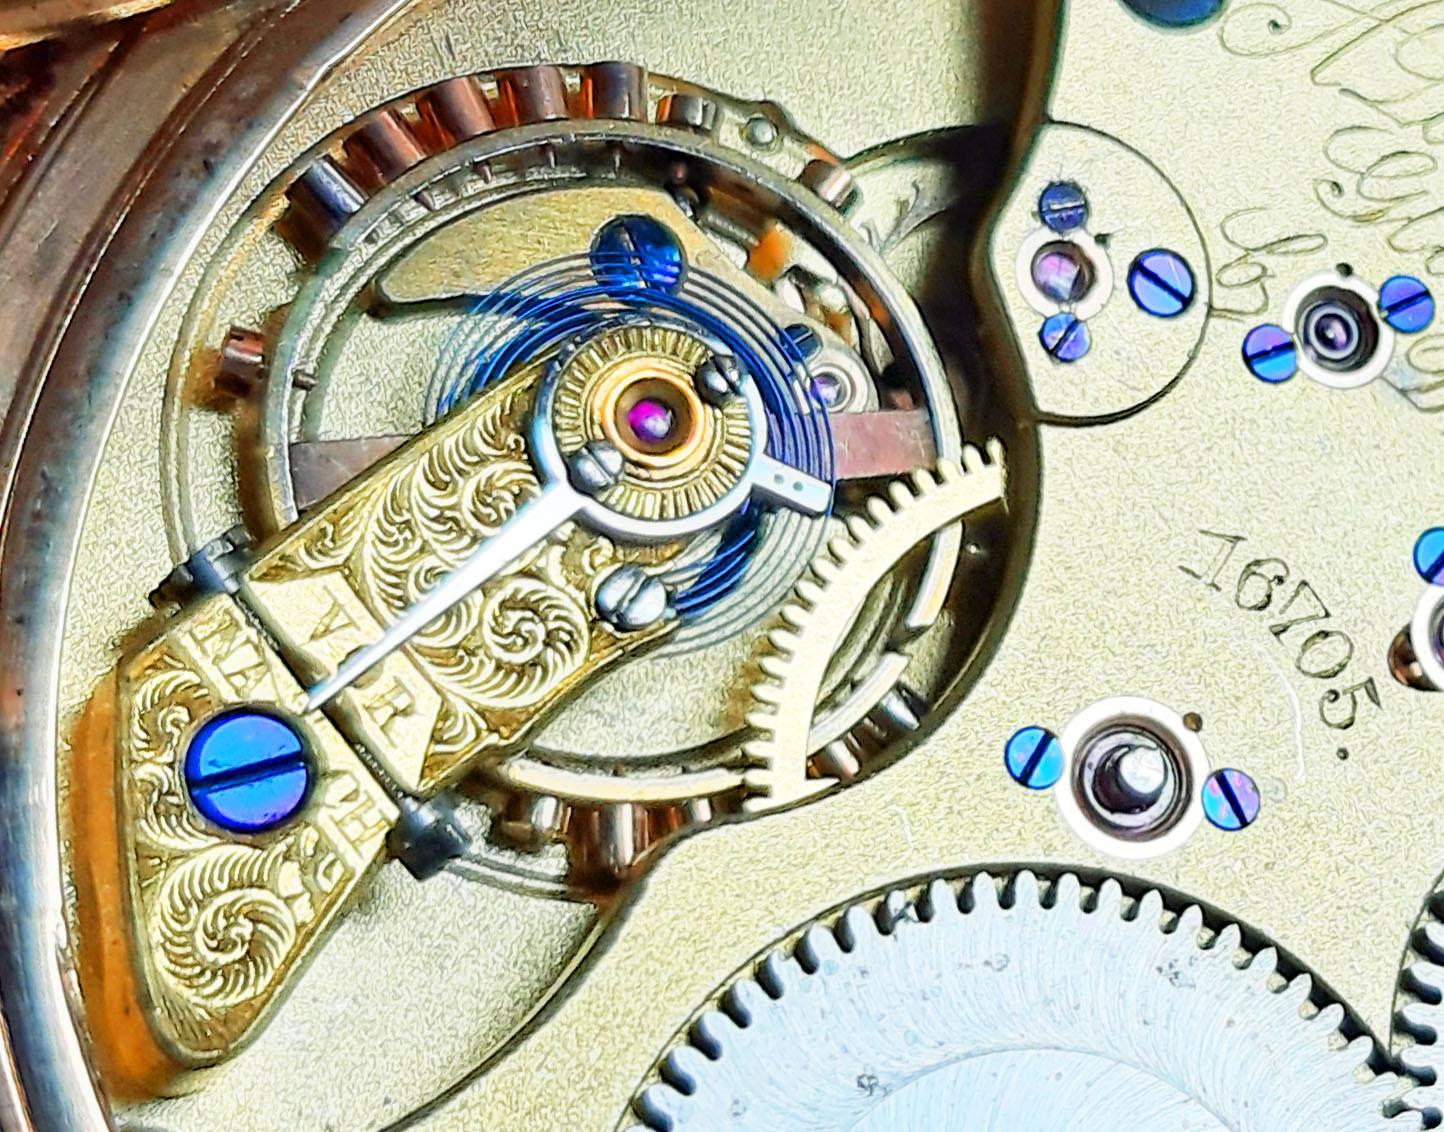 Bei der Firma A. Lange & Söhne nur bei wenigen Uhren verwendete Großmann Schraubenfeinregulierung